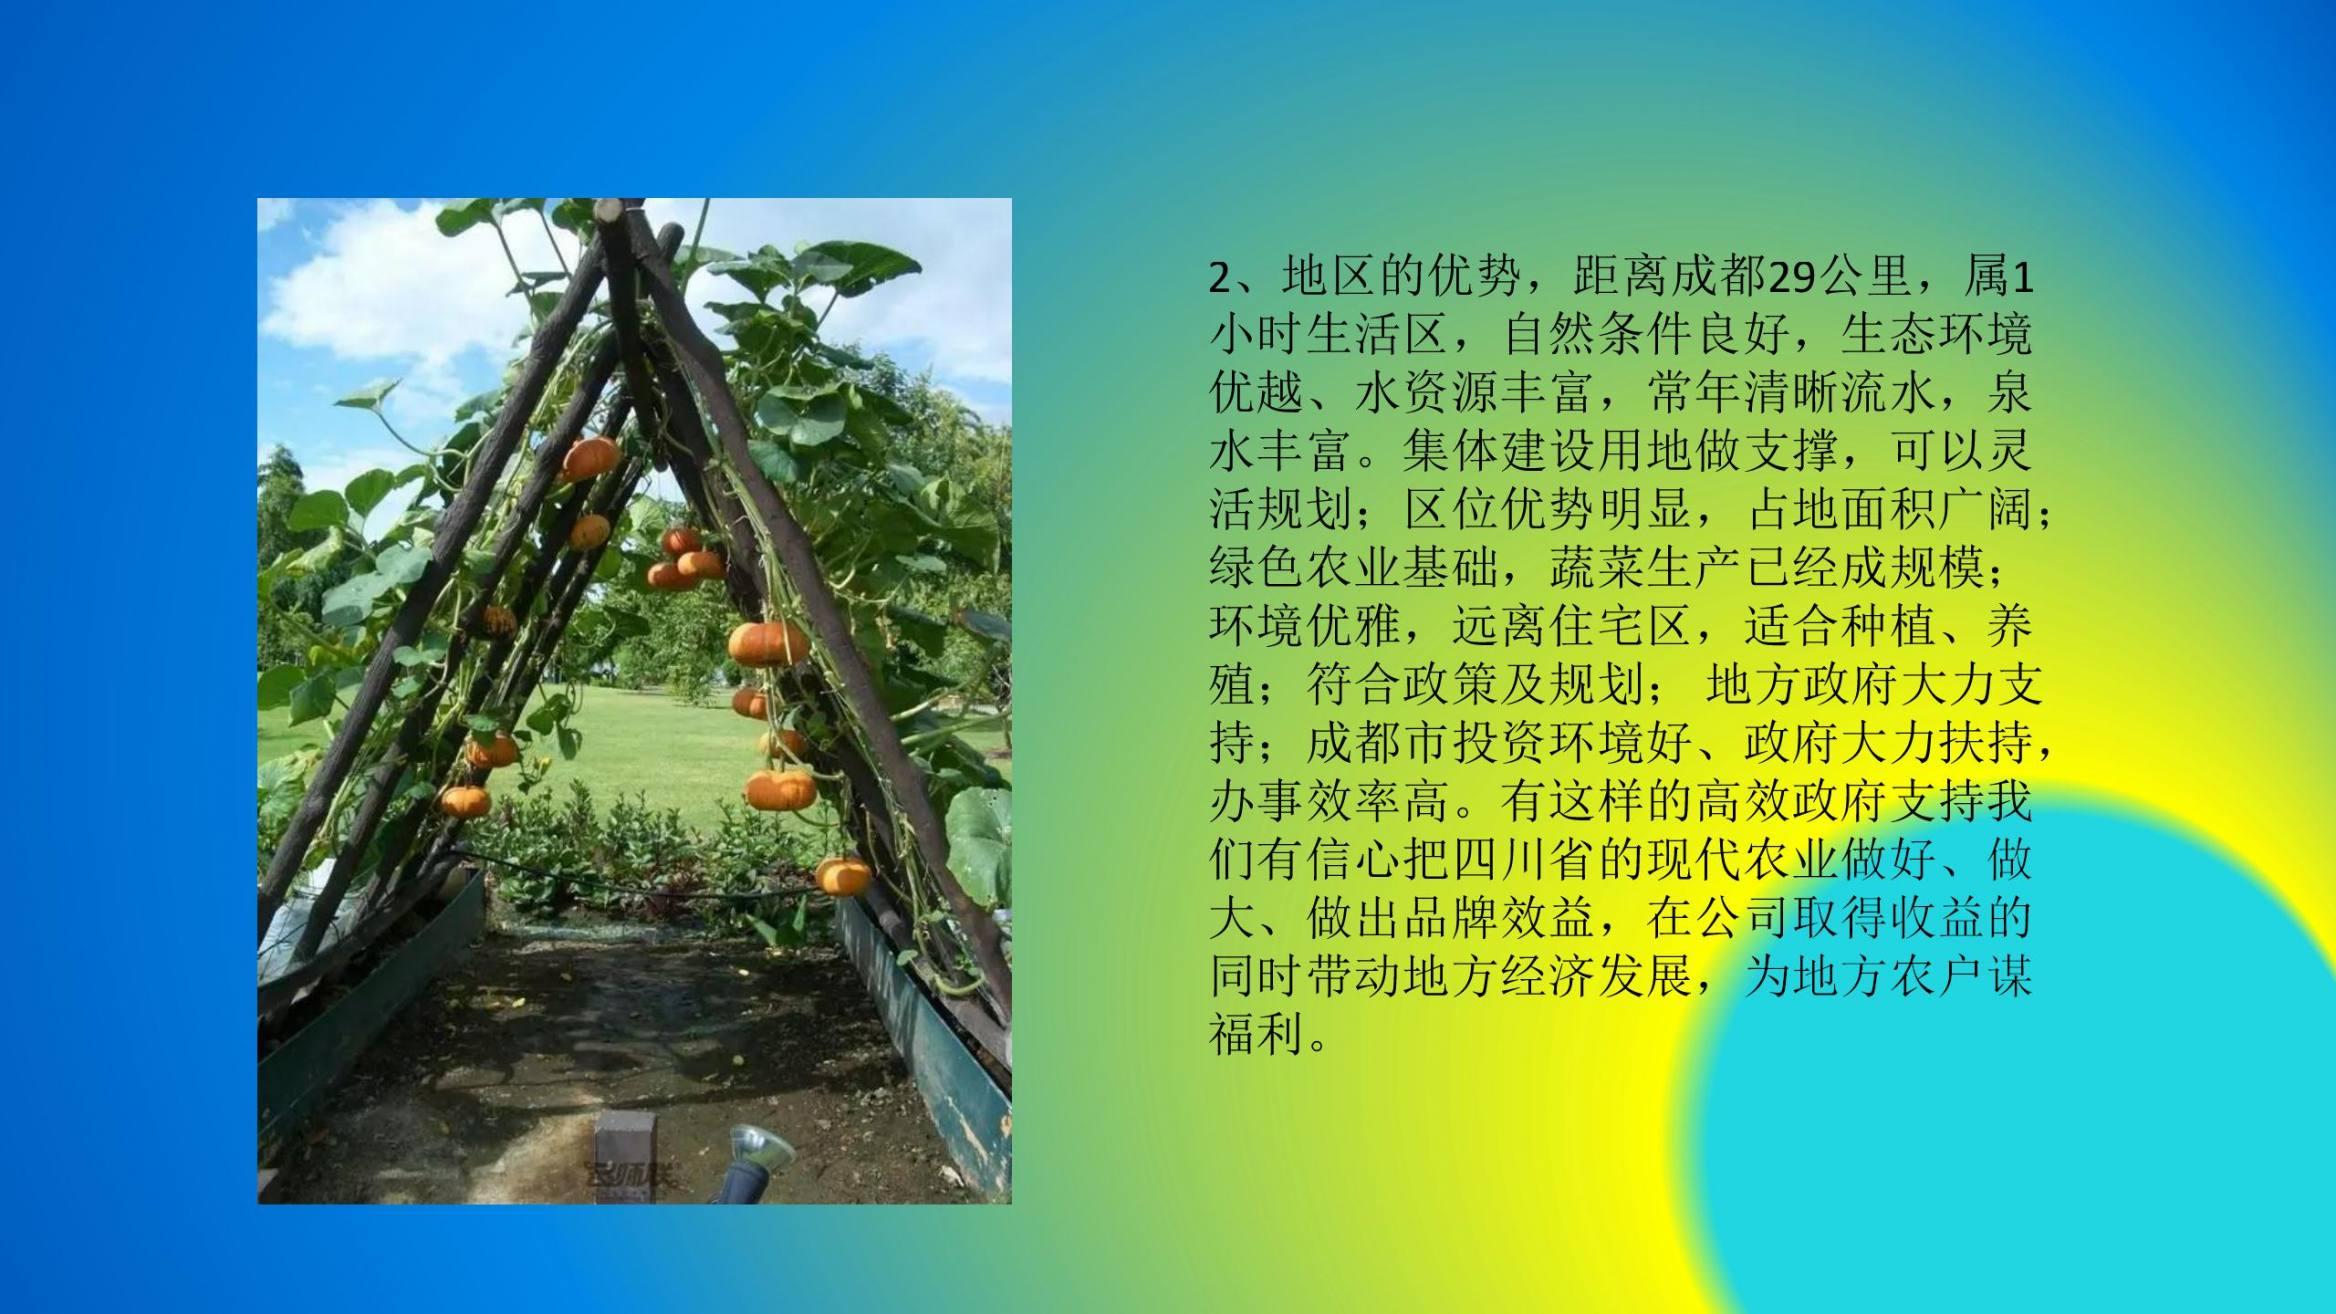 沈家船田园水乡智慧生态园 (14)